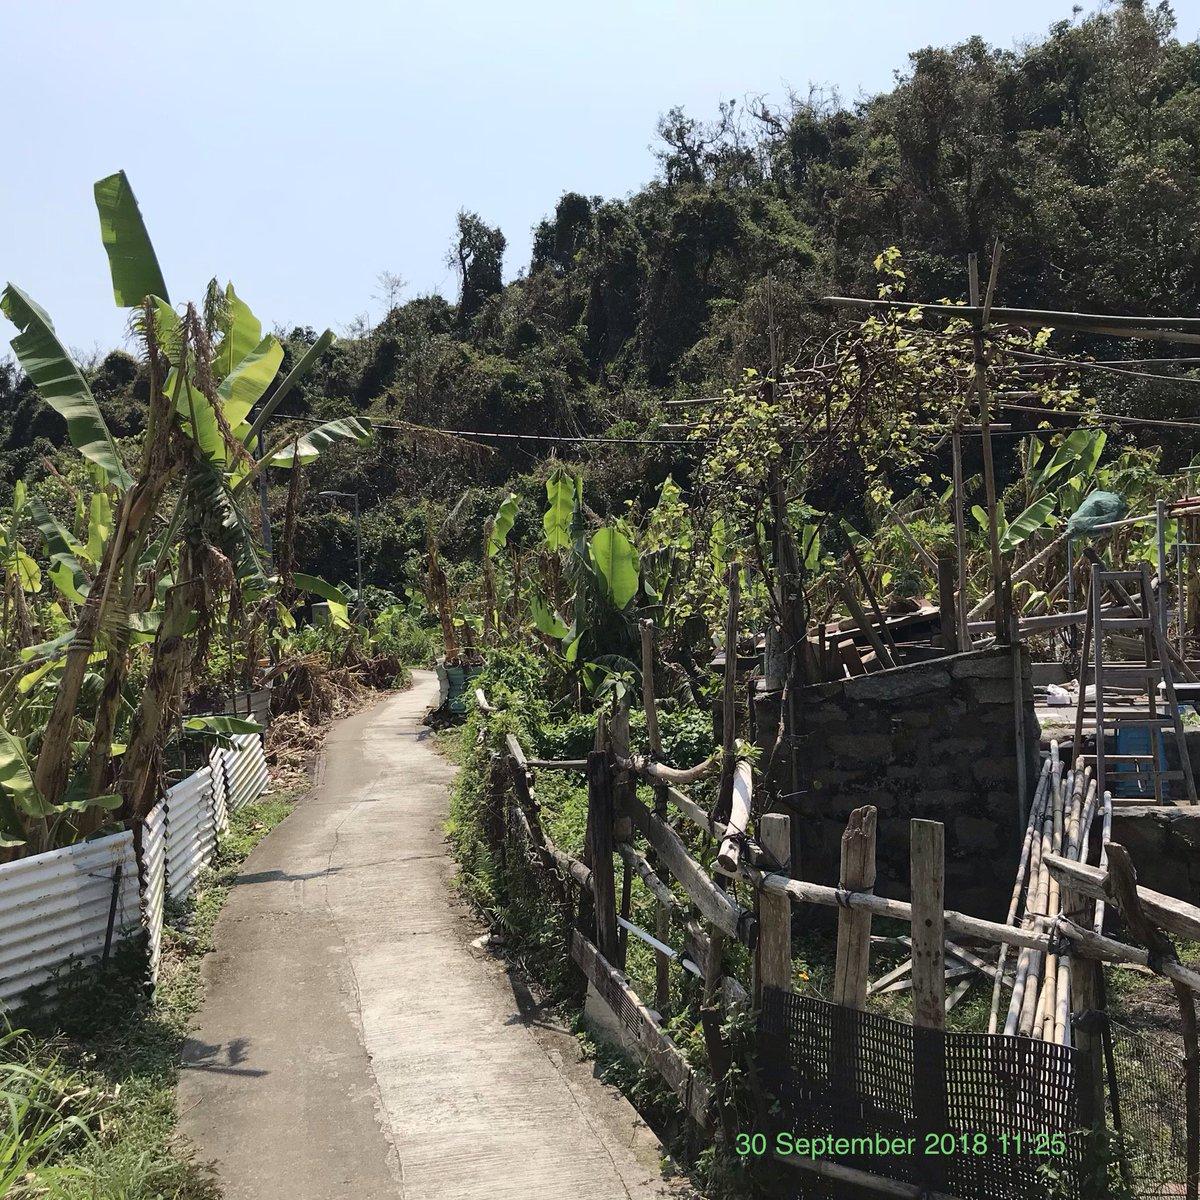 Mo Tat village & beach on Lamma island